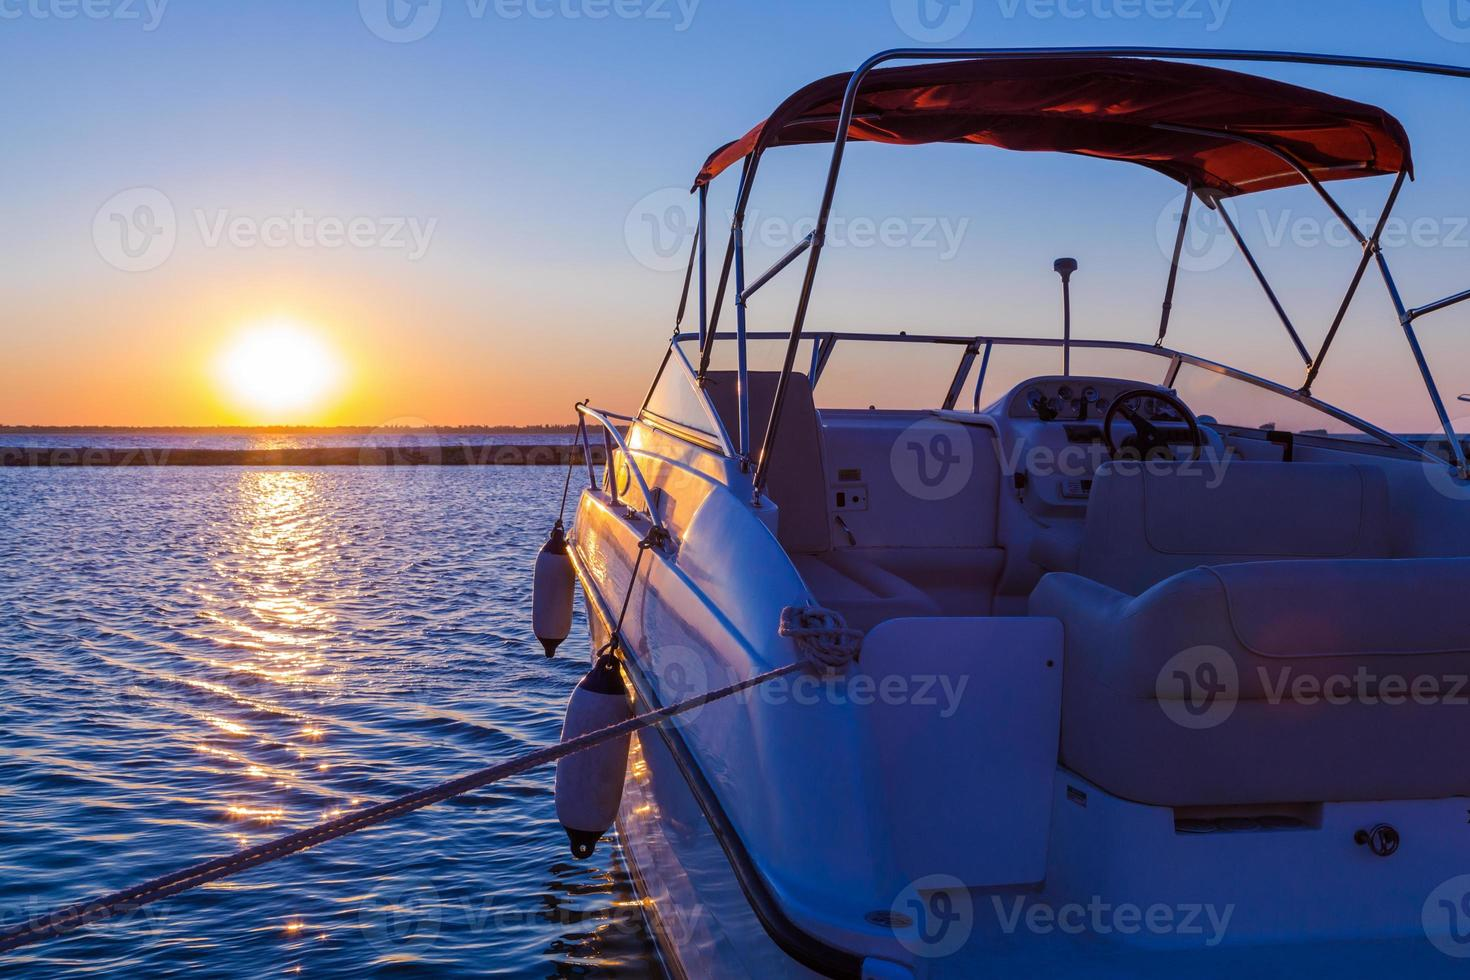 Yacht near the pier against sunset photo